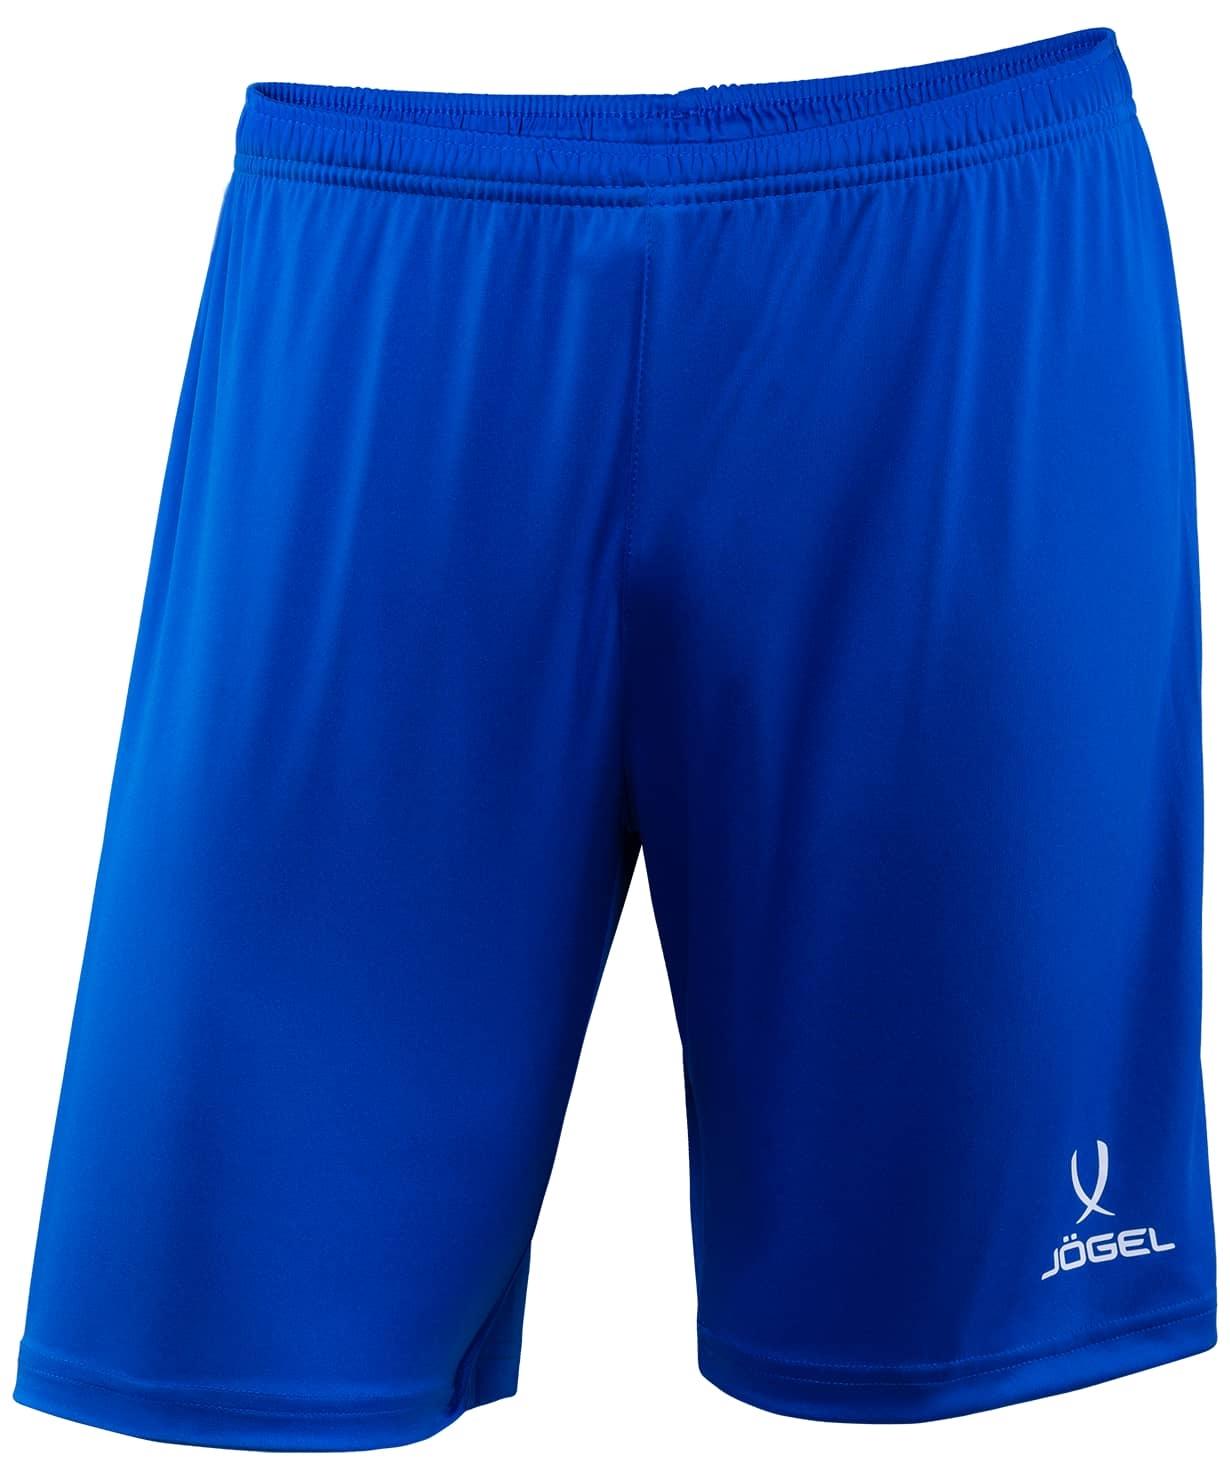 Шорты футбольные CAMP JFS-1120-071-K, синий/белый, детские